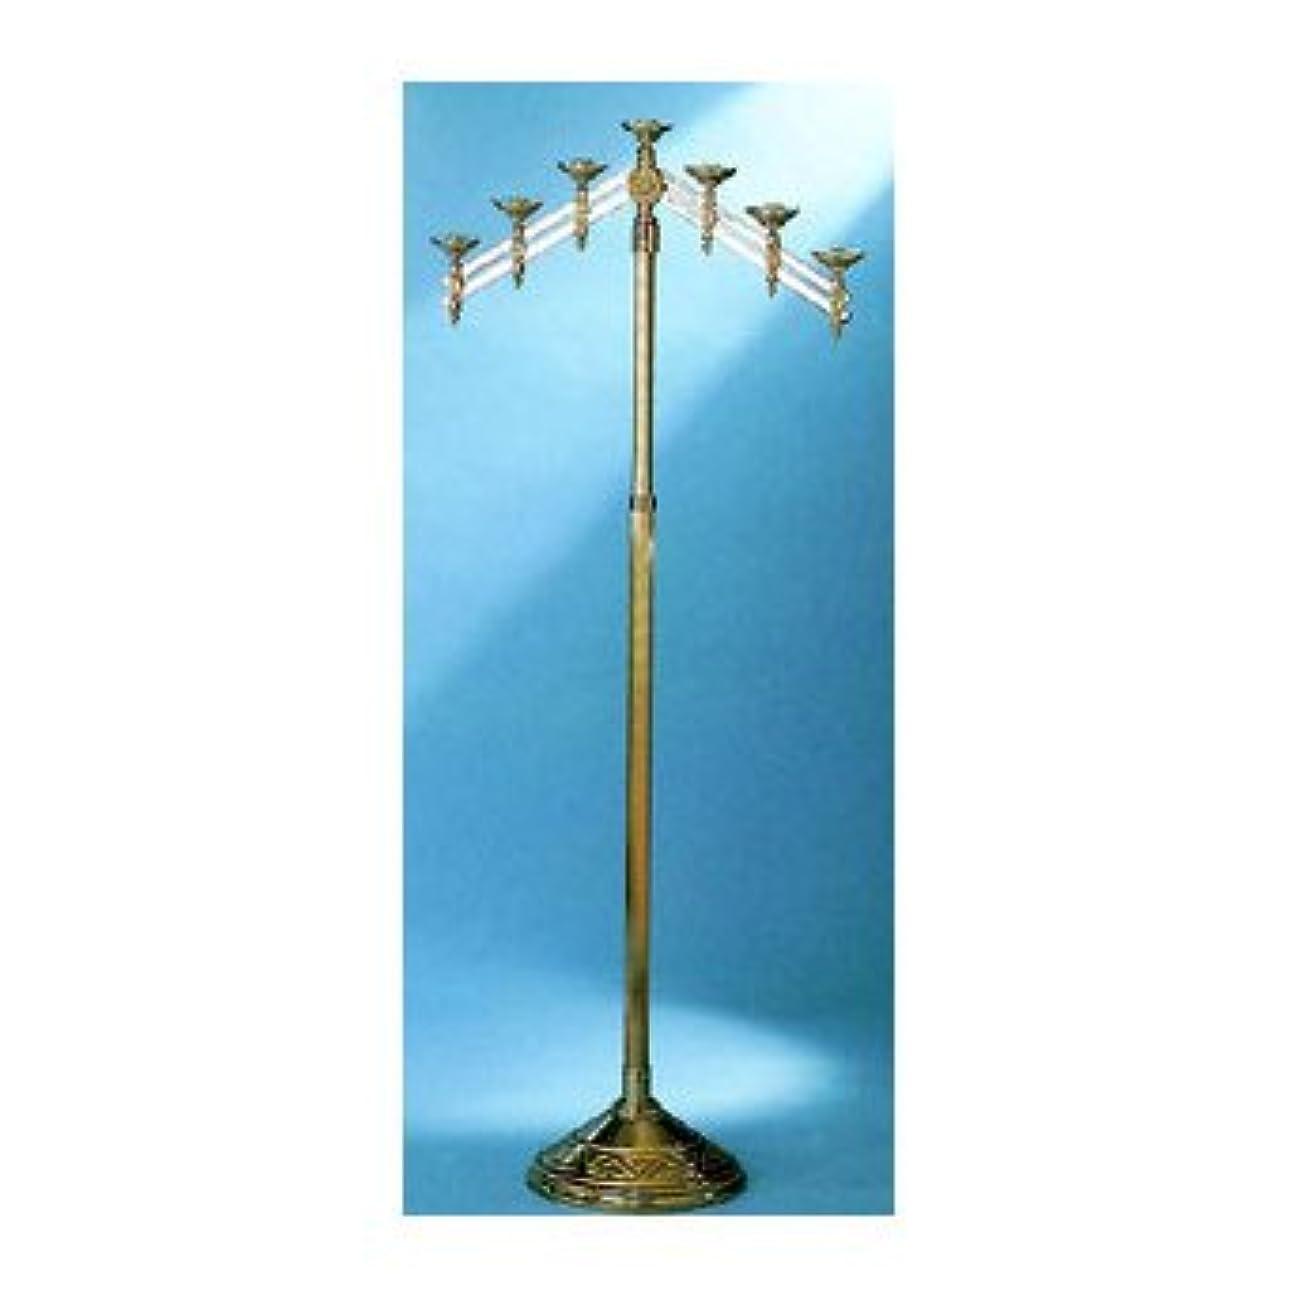 教会床燭台with Adjustable Arms Metal Finish: 7-Lite, High Polish Bronze 24012-7-BZ